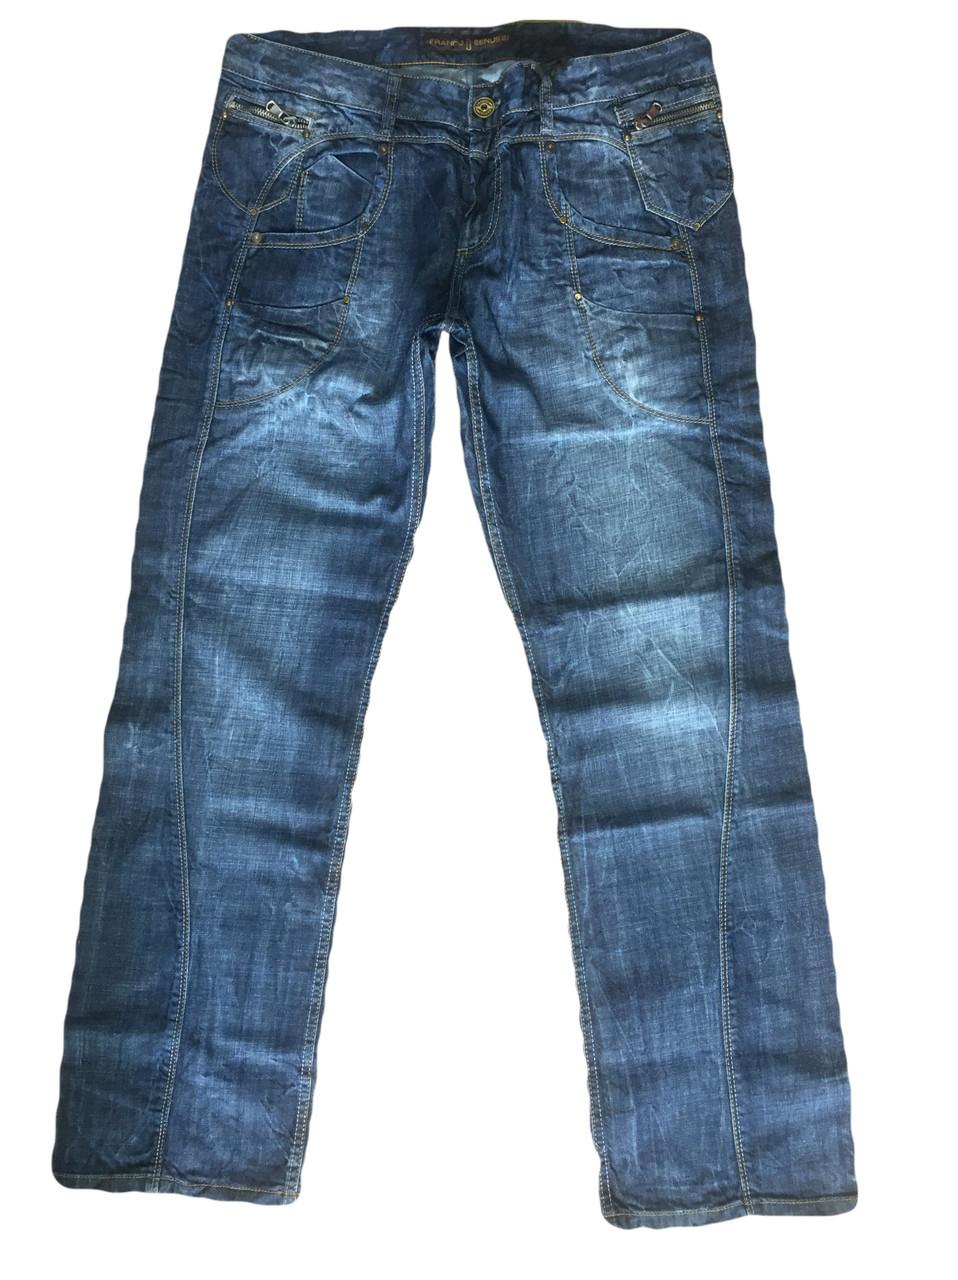 Джинсы мужскик Franco Benussi 1153 синие